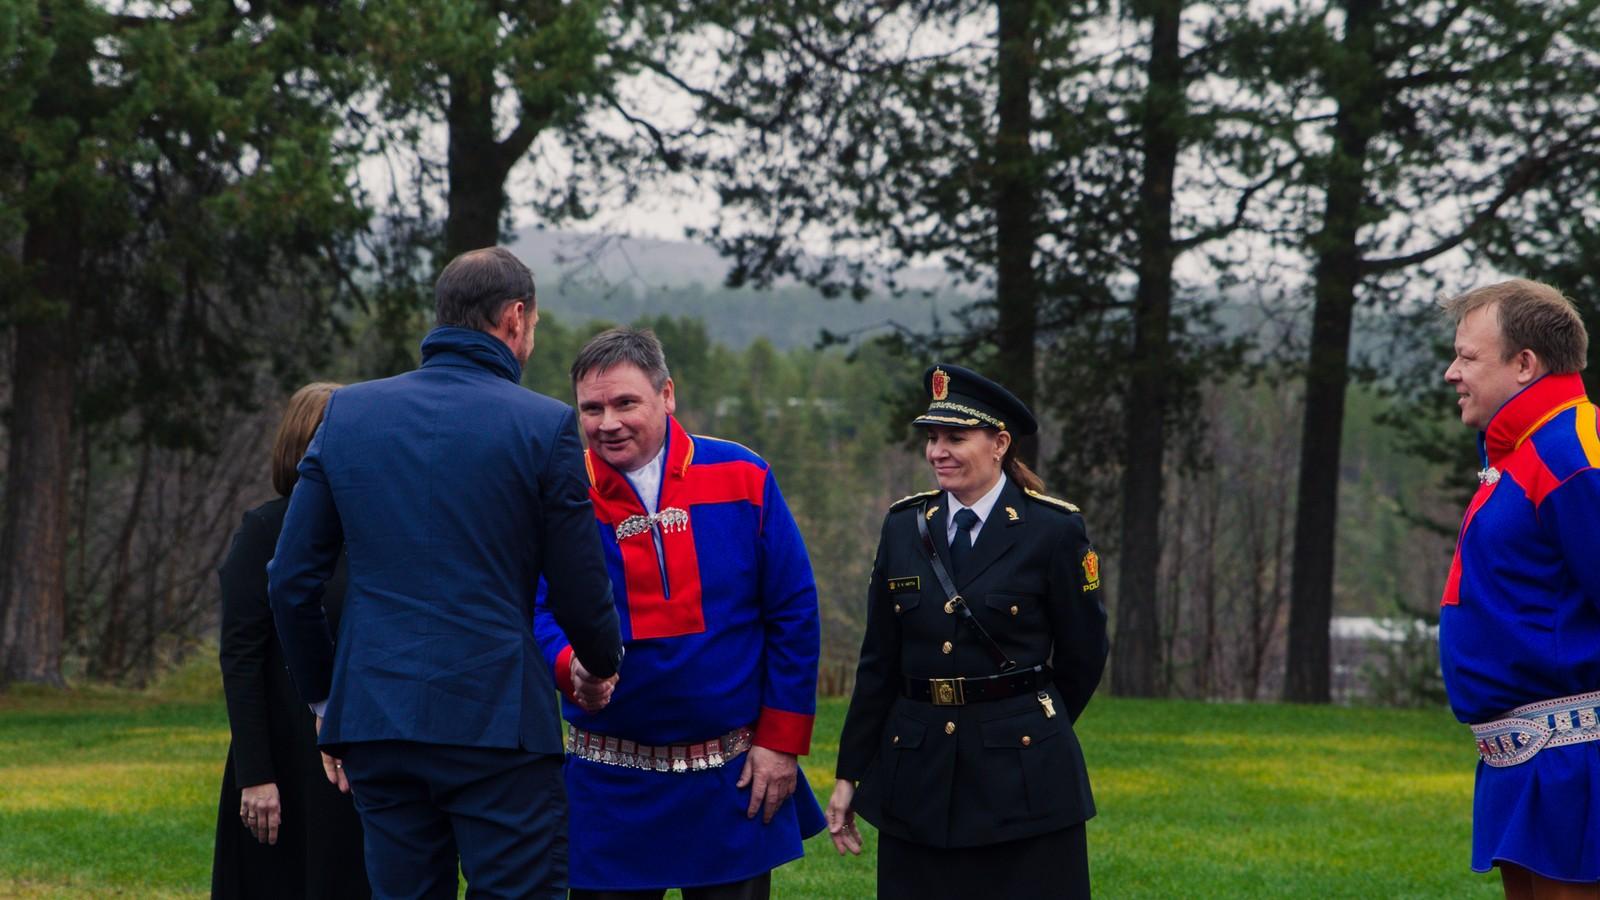 H.K.H. Kronprins Haakon hilser på Karasjoks ordfører Svein Atle Somby. Ved siden av er Finnmarks politimester Ellen Katrine Hætta og Scandic Karasjoks direktør John Arne Mathiesen.